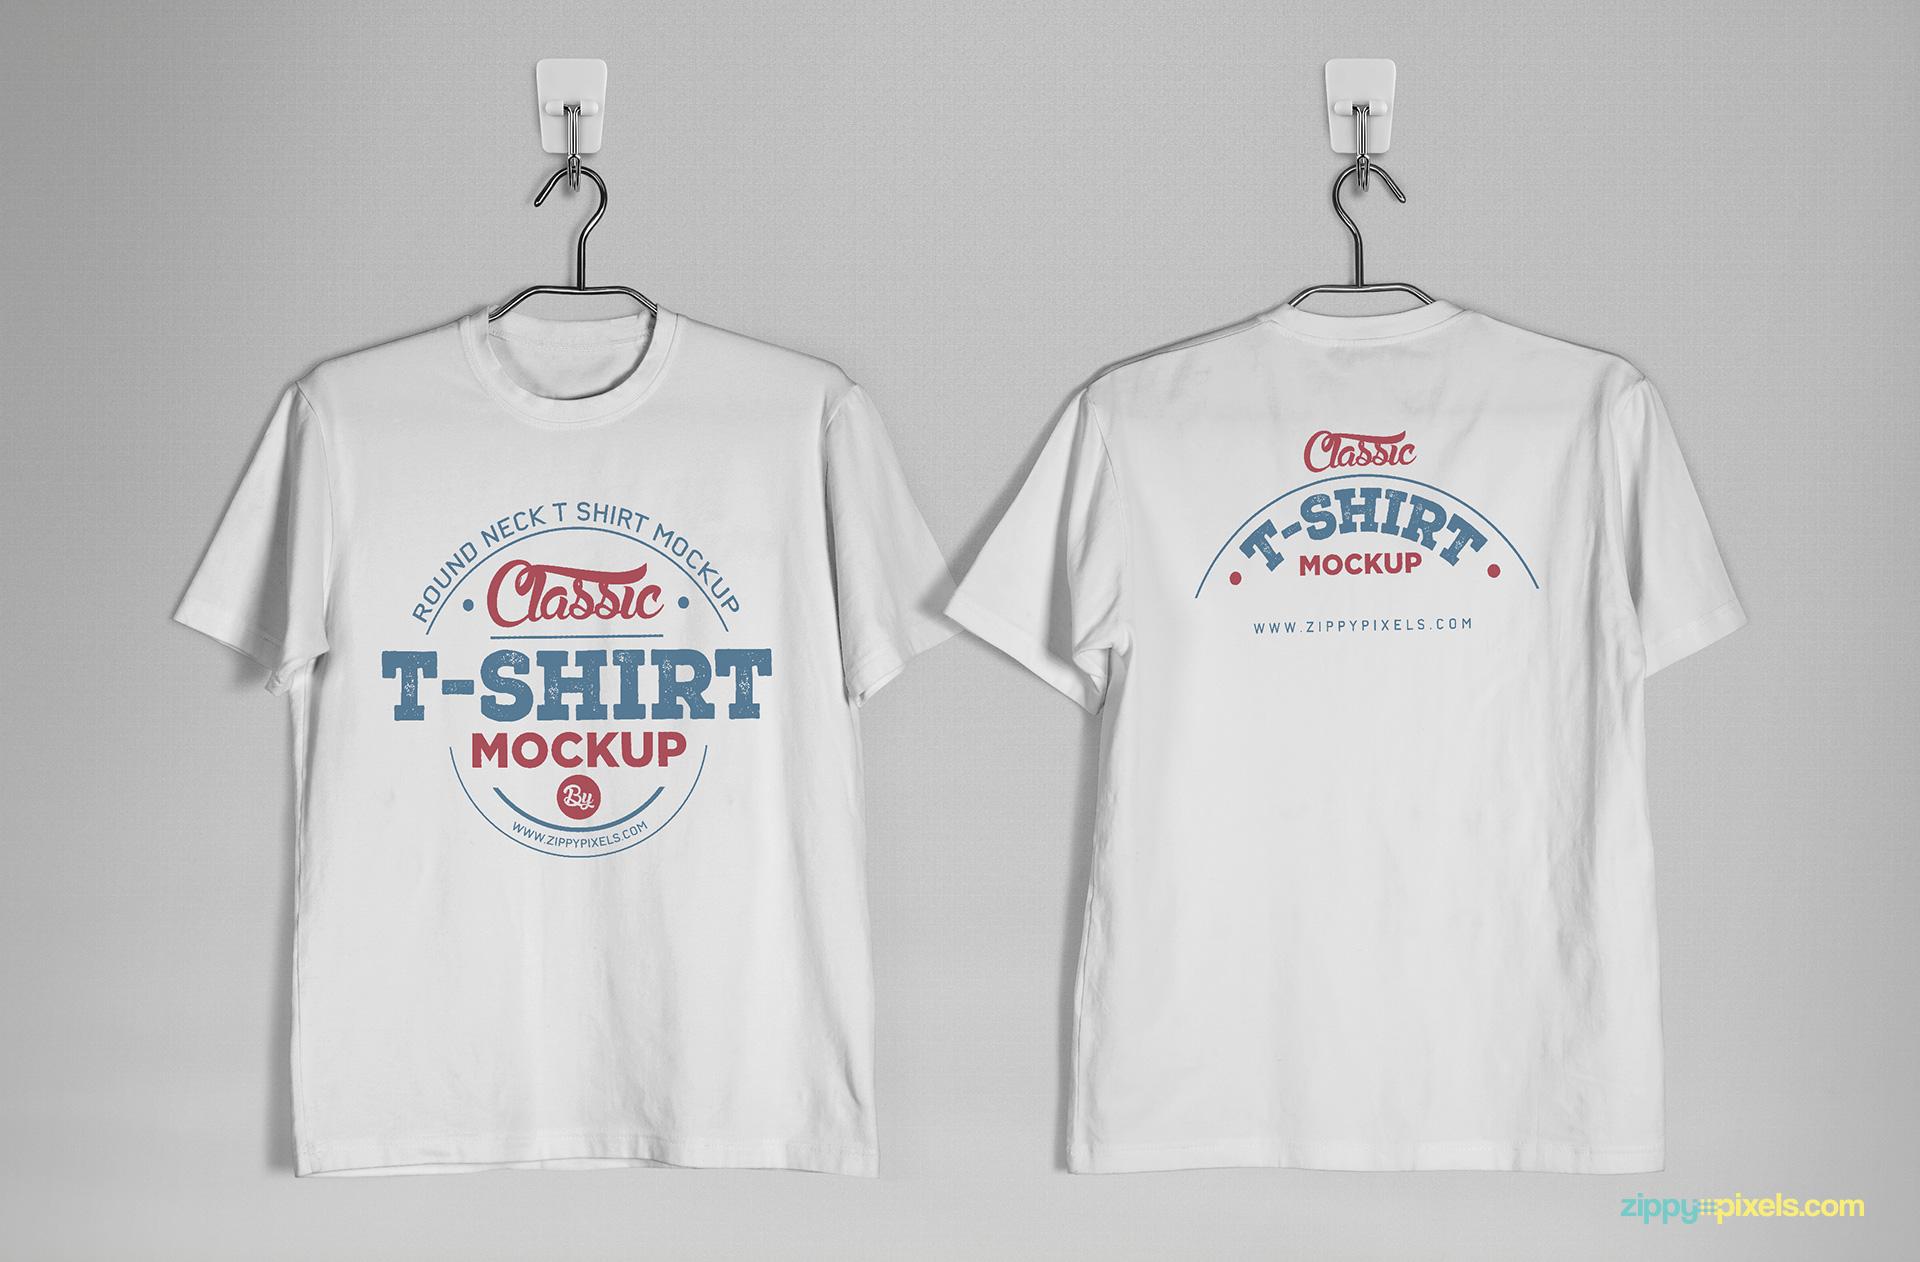 05-free-hanging-tshirt-mockup-824x542